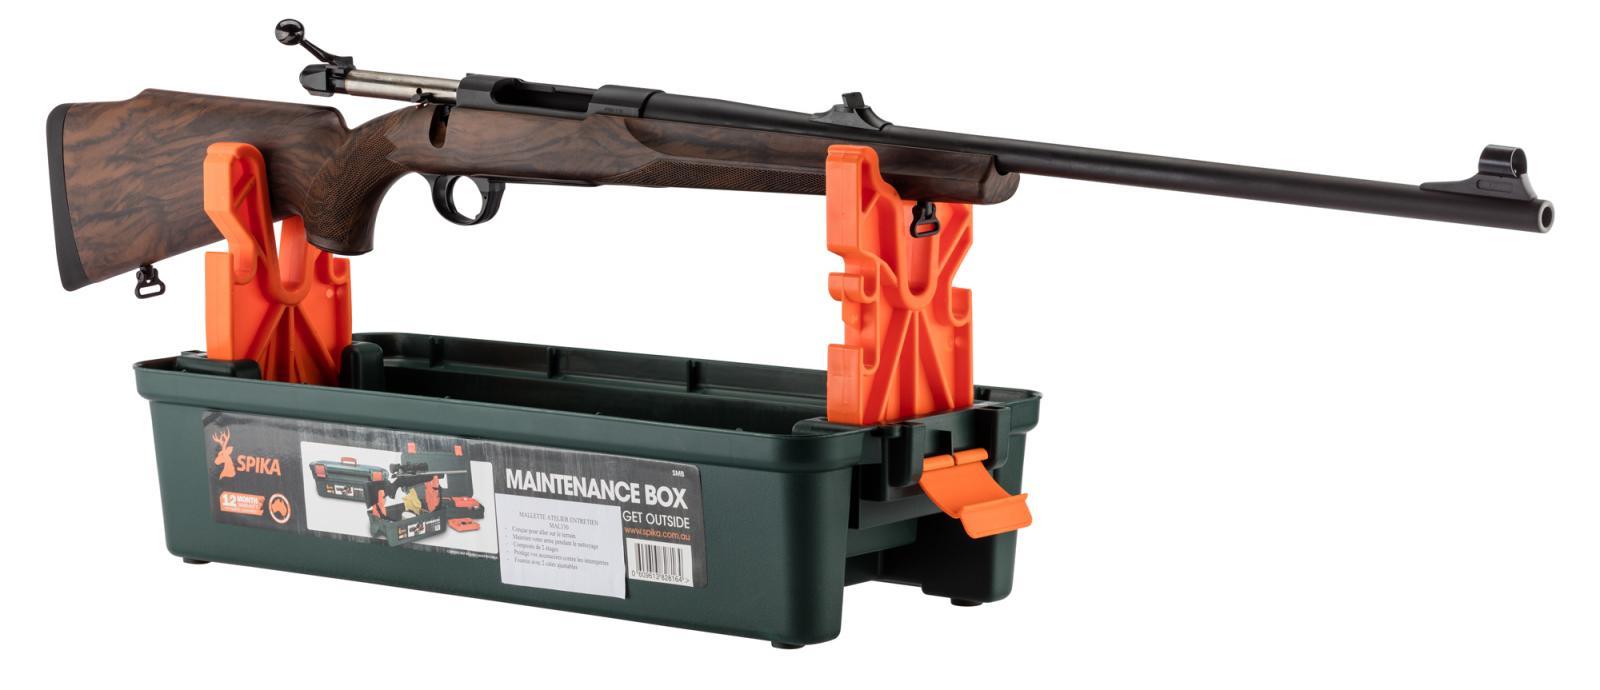 Malette d'atelier SPIKA entretien et chevalet pour arme d'épaule